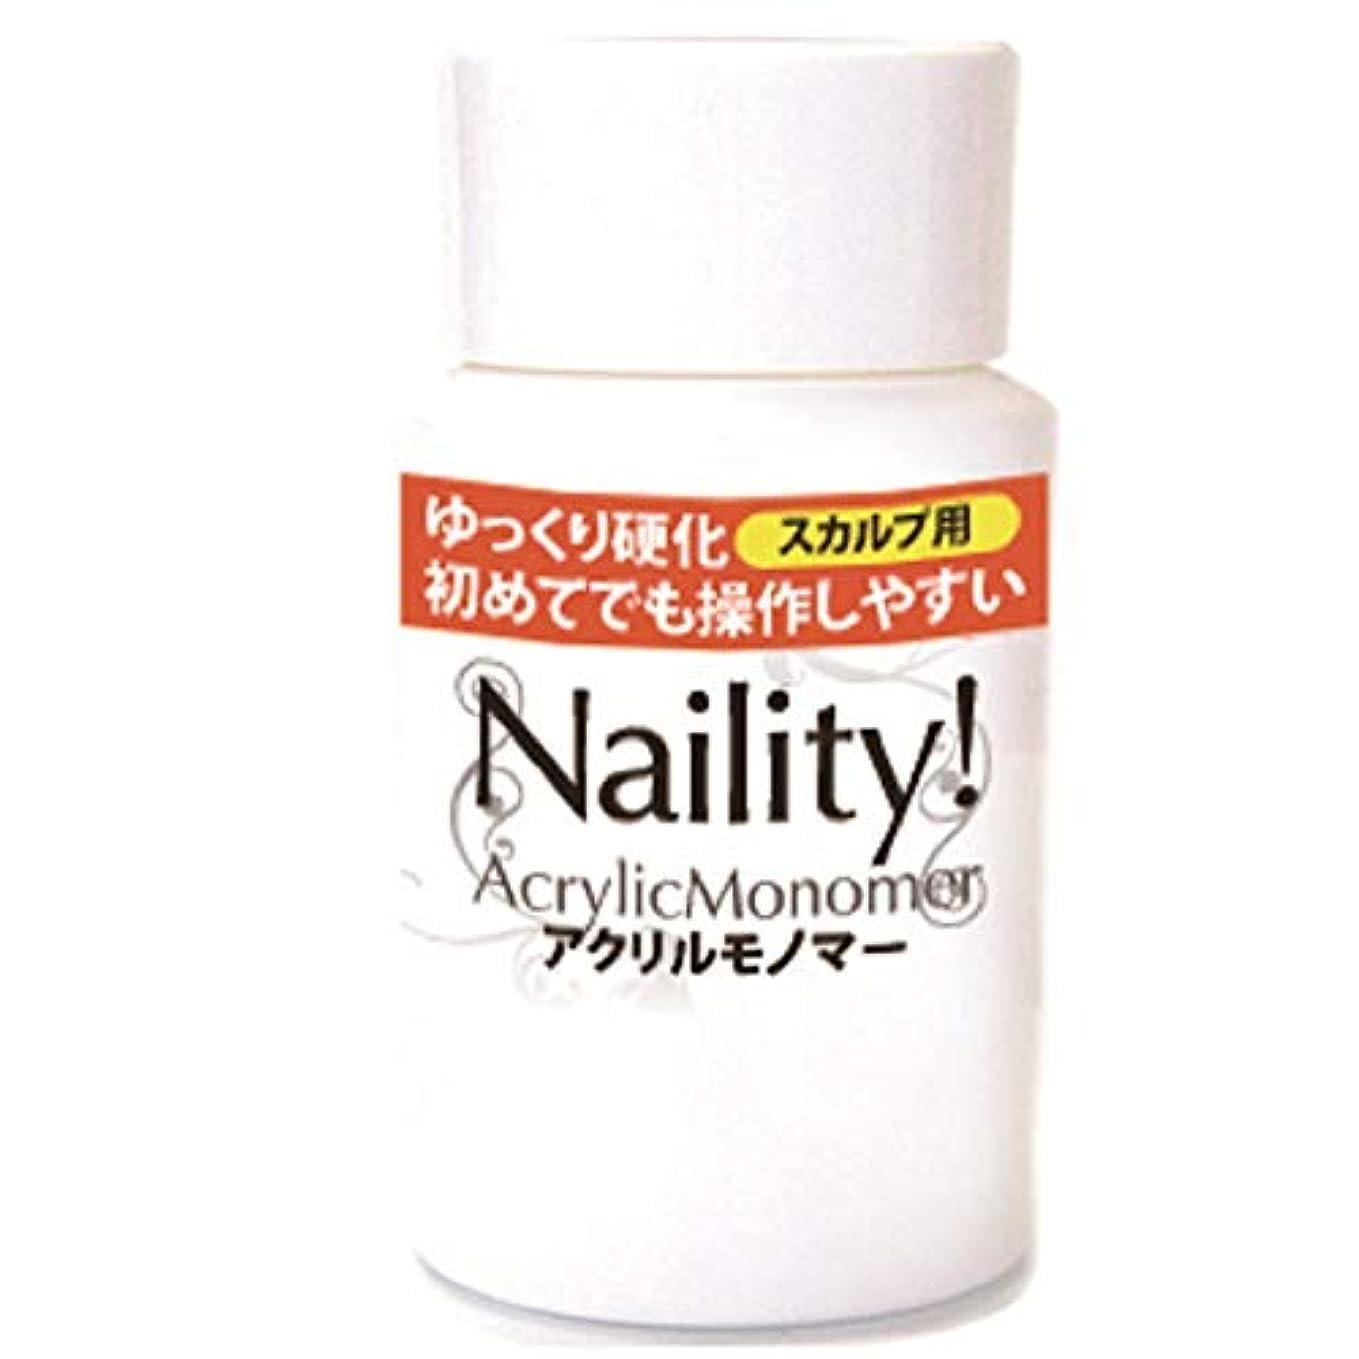 機械的に球体定常Naility! アクリルモノマー 50mL